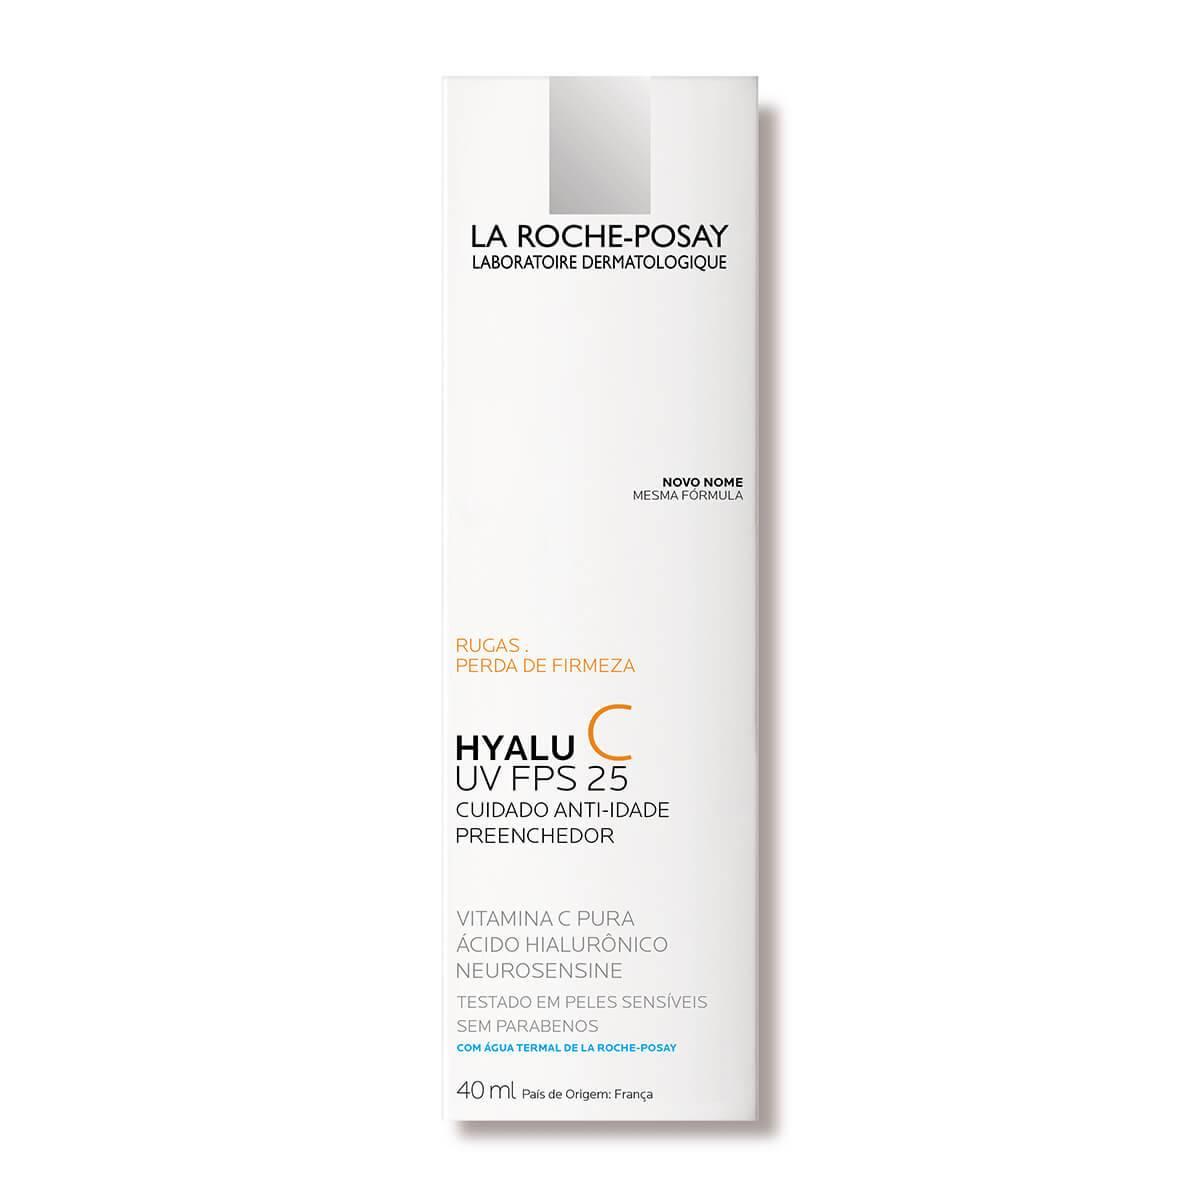 Imagem da caixa do Hyalu C UV FPS 25 versão 40ml   La Roche-Posay